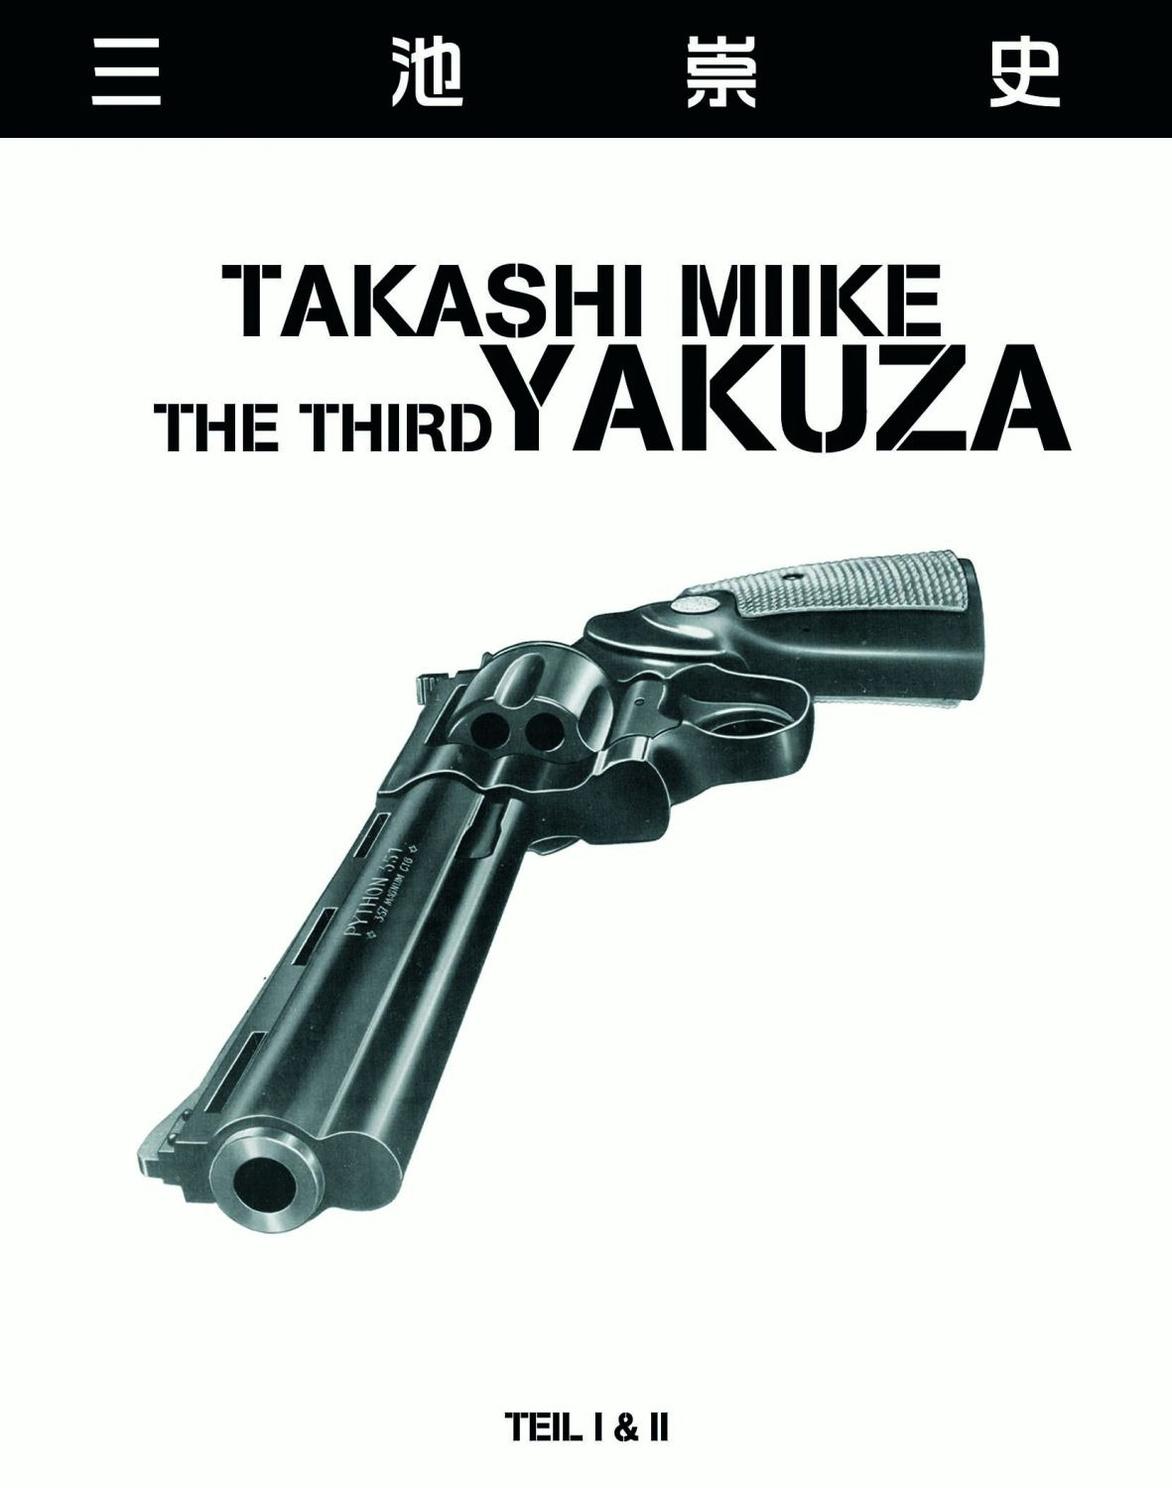 The Third Yakuza - Teil I&II Takashi Miike (OmU)